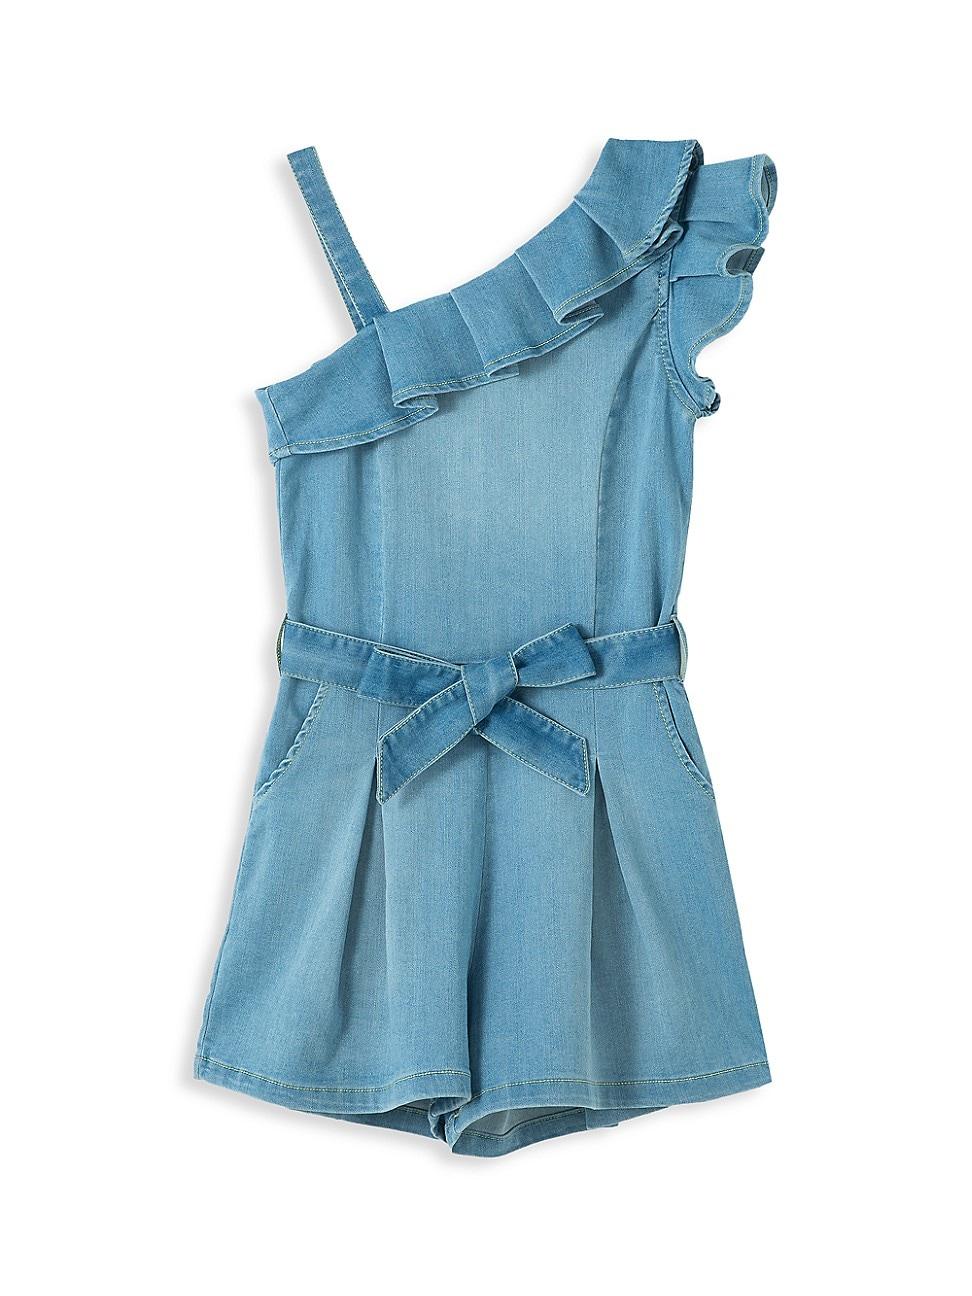 Habitual Dresses GIRL'S OFF-THE-SHOULDER BELTED ROMPER